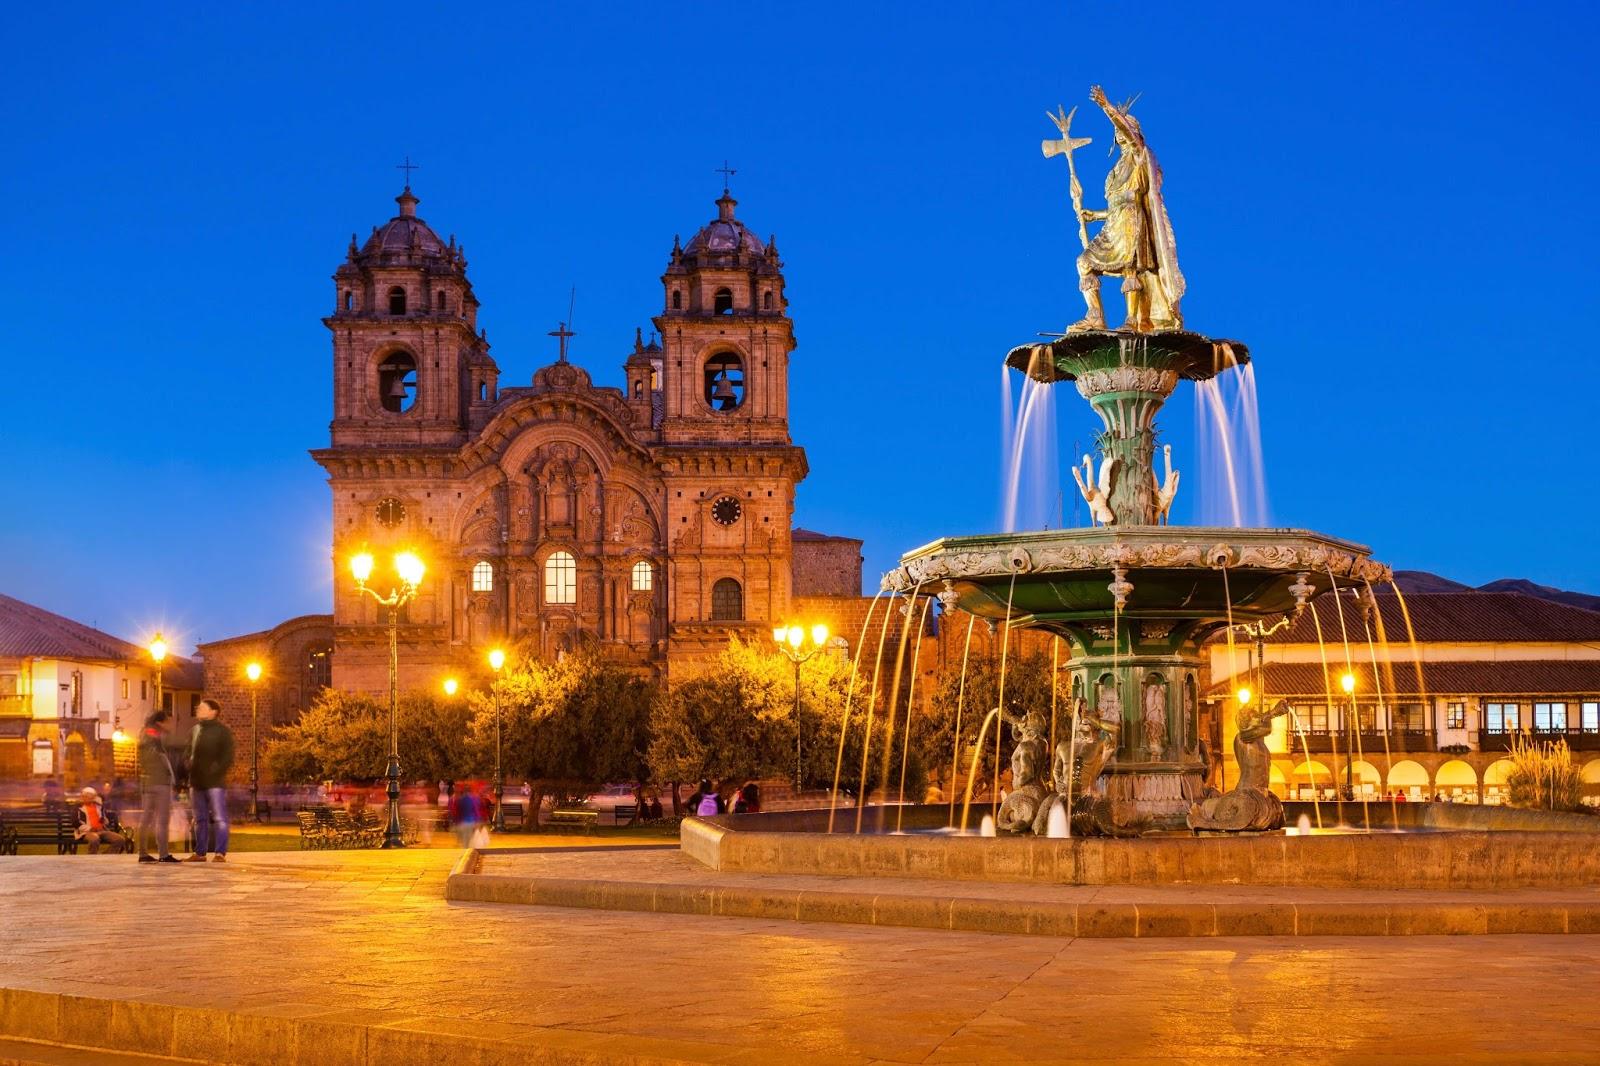 Cusco 'La Ciudad Imperial' (I) | Viajes del Perú - Travel Blog sobre el Perú